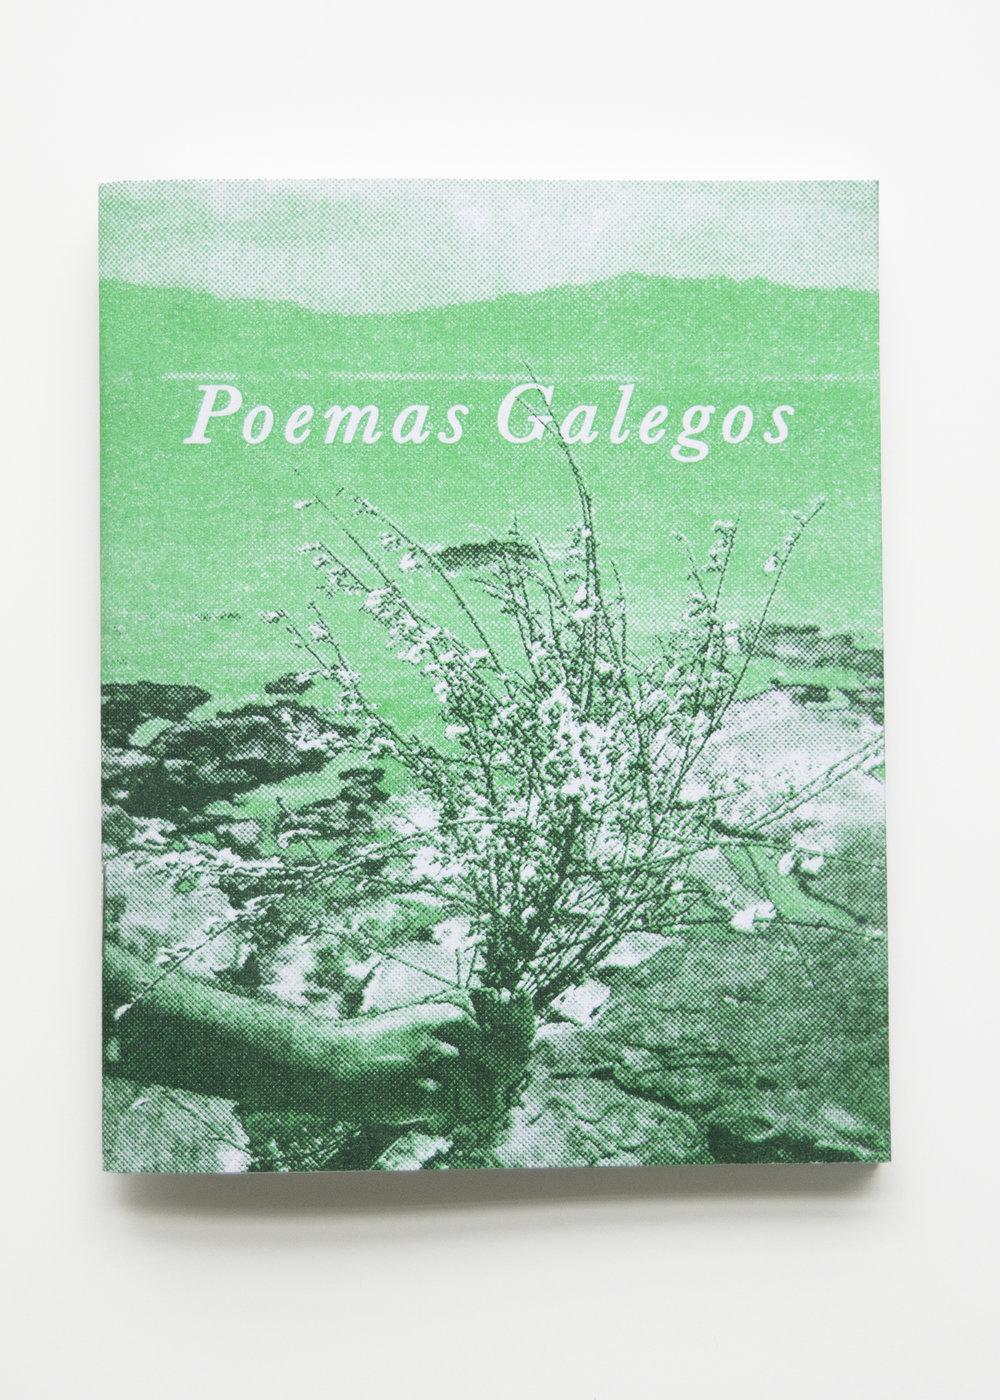 Poemas Galegos w/Lauren Moya Ford